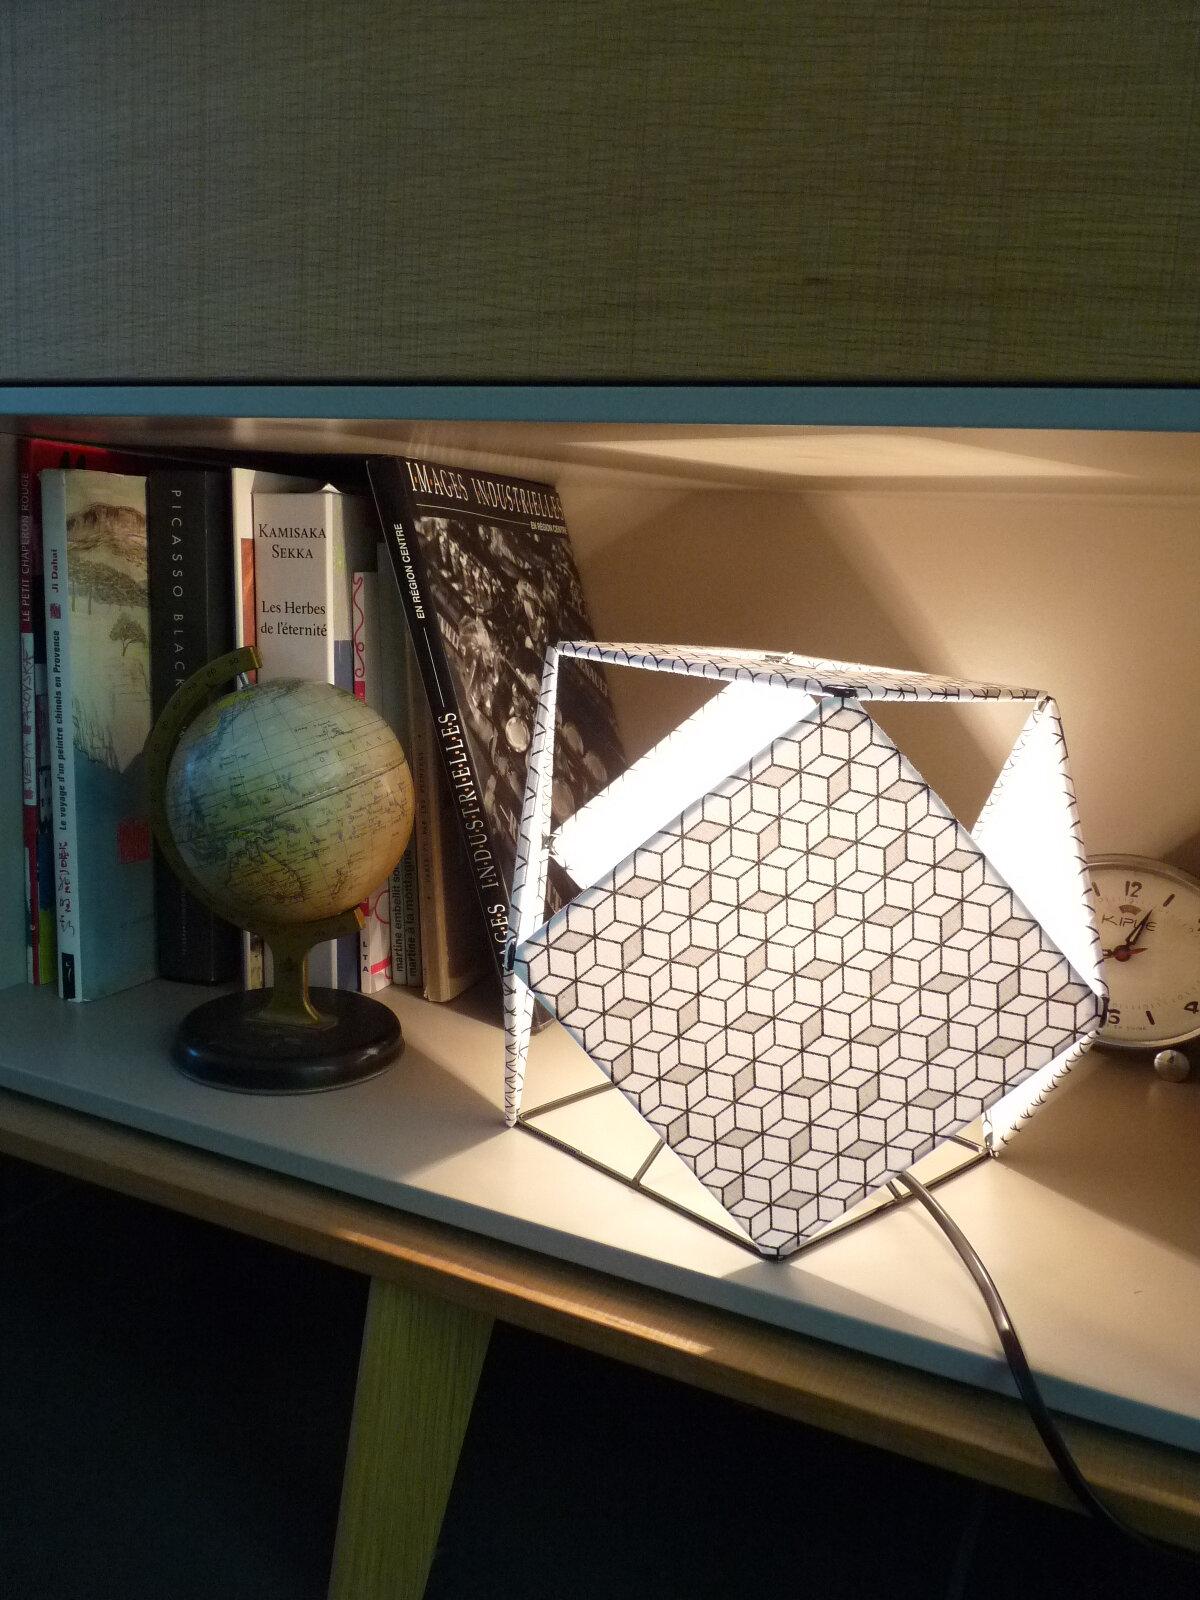 Lampe graphique petit mod le hauteur 21cm nuit jour for Lampe pipistrello petit modele